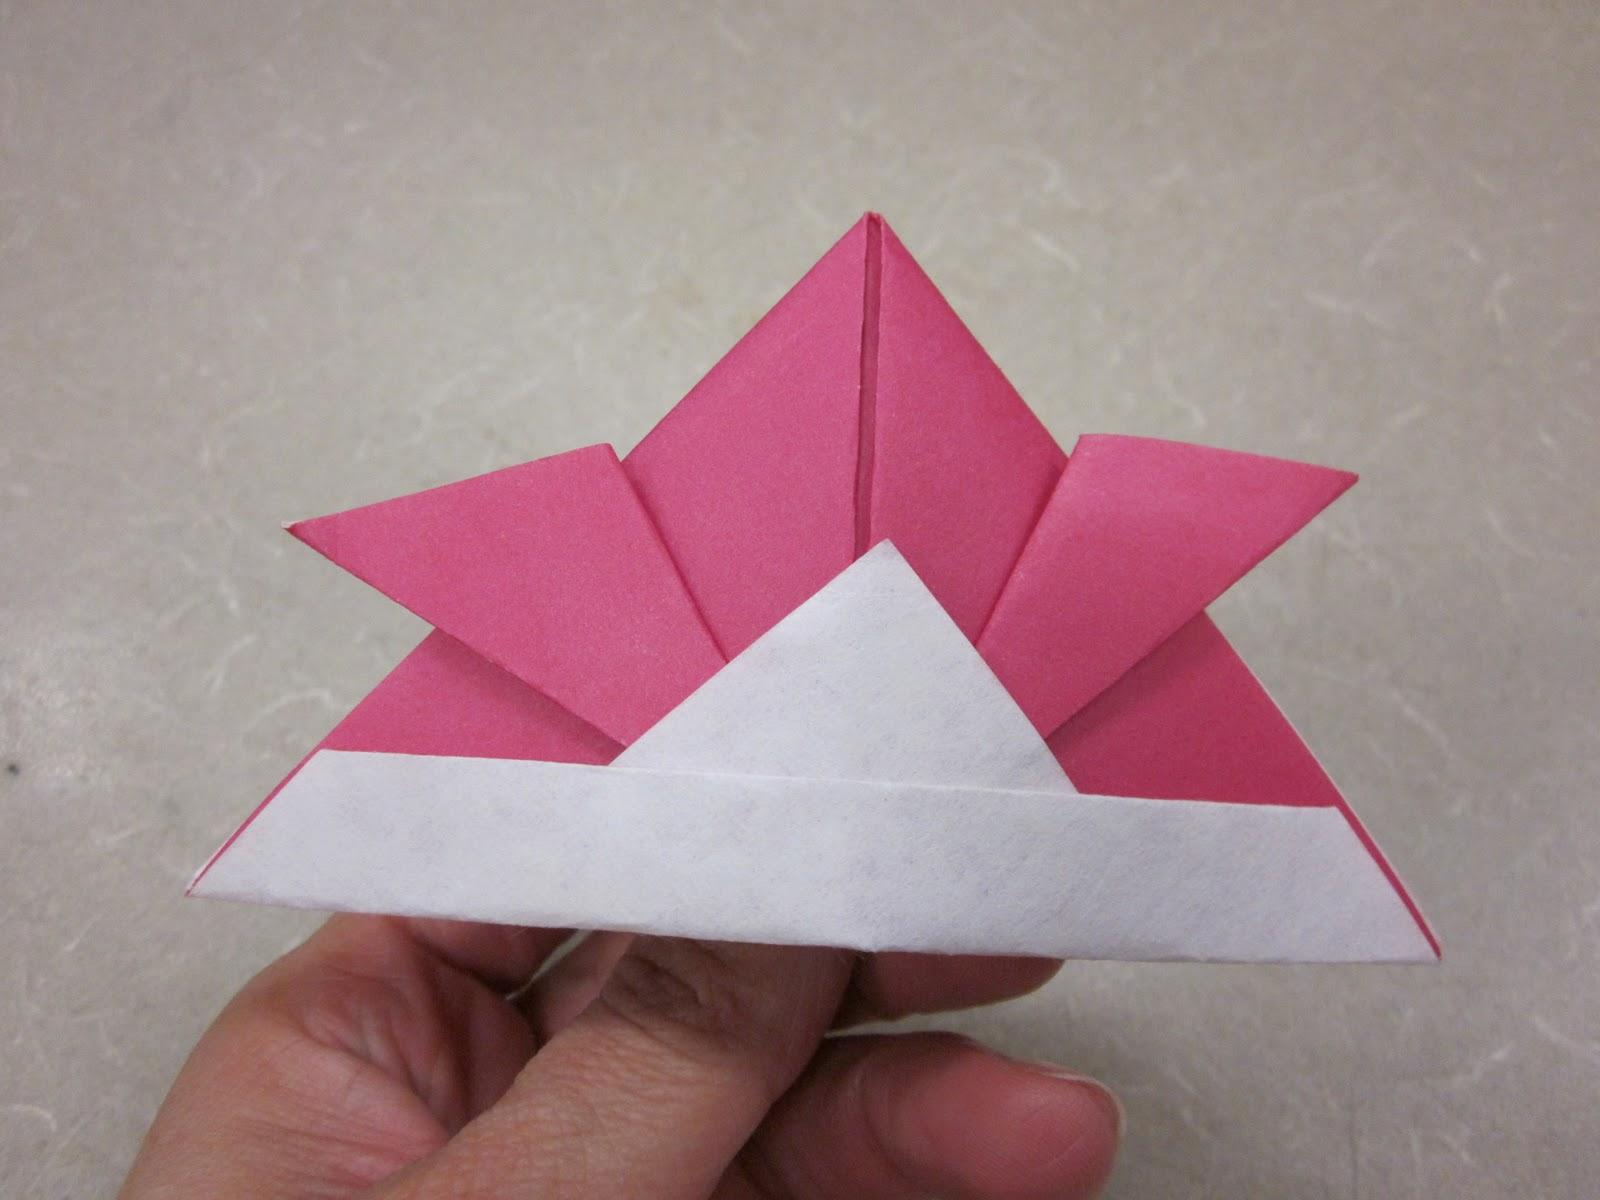 Do Something Creative {DAILY}: Origami Hats...celebrating ... - photo#25